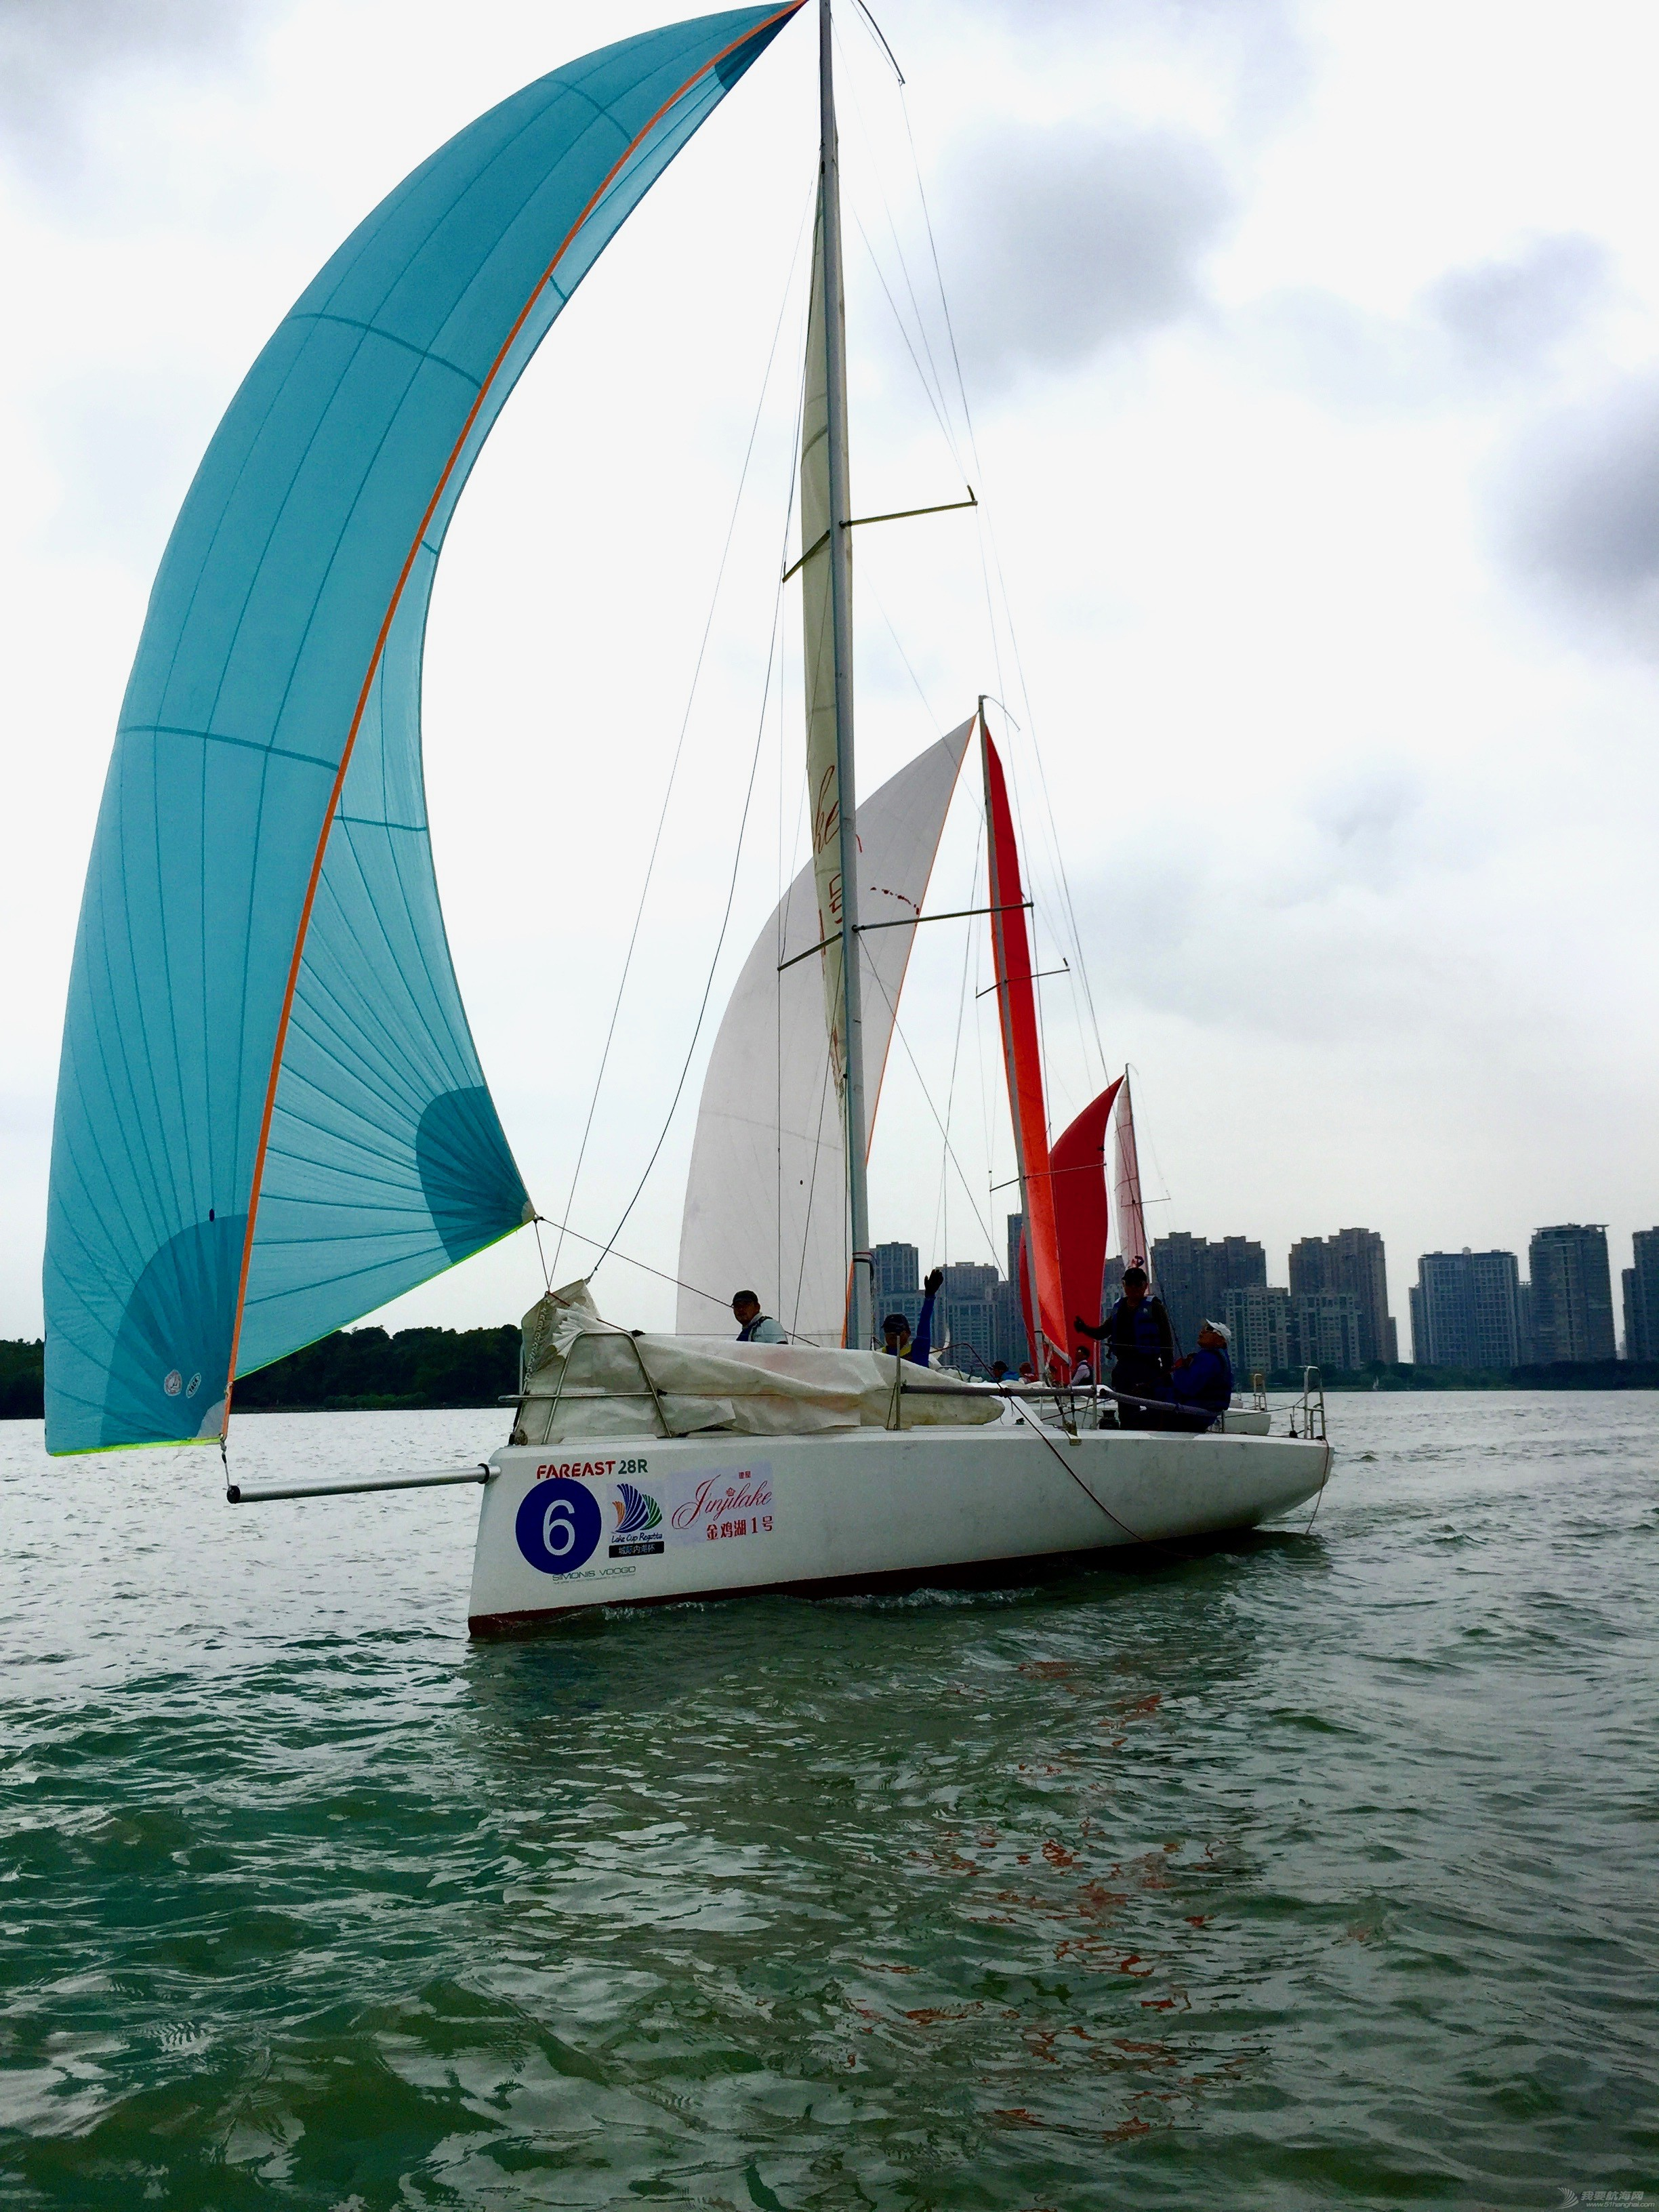 从Competent crew到Coastal Skipper:我的RYA进阶之路(第一阶段)